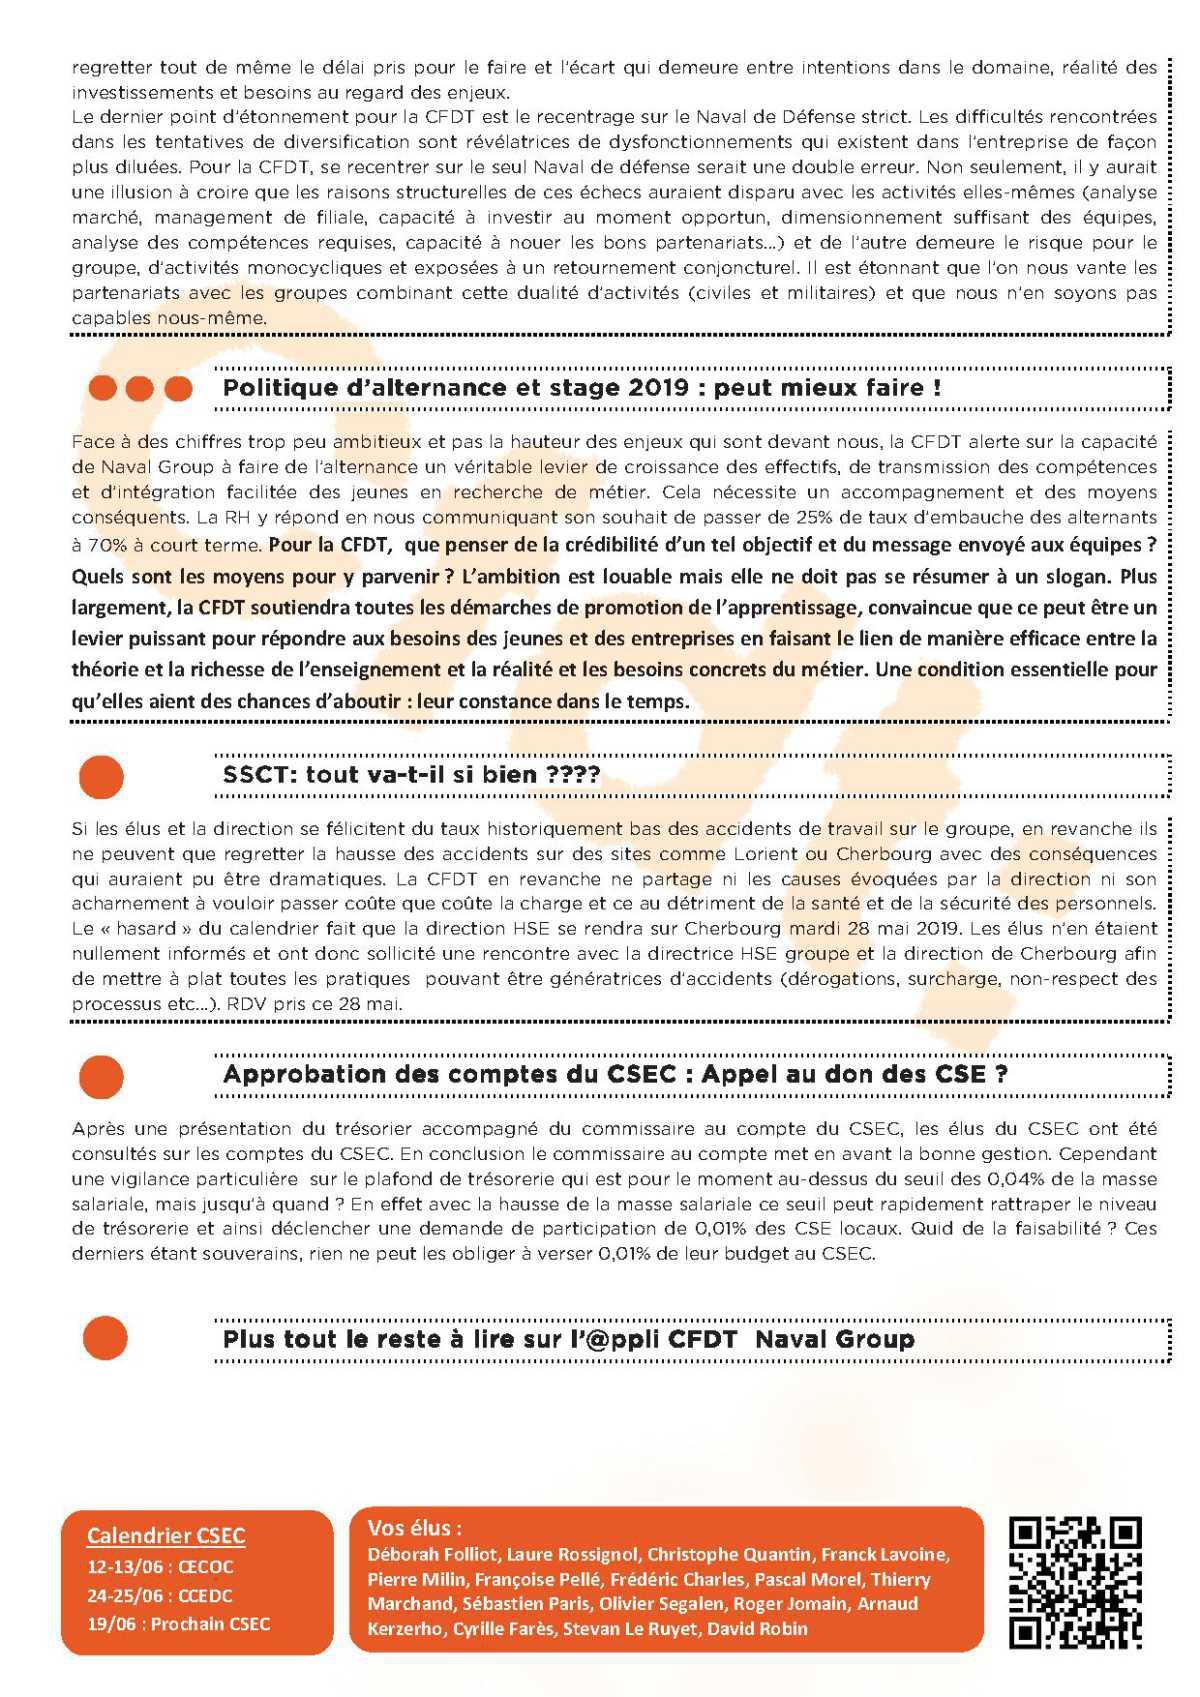 CR du CSEC du 21 mai : Un CSEC de consultations : bilan Social, orientations stratégiques…